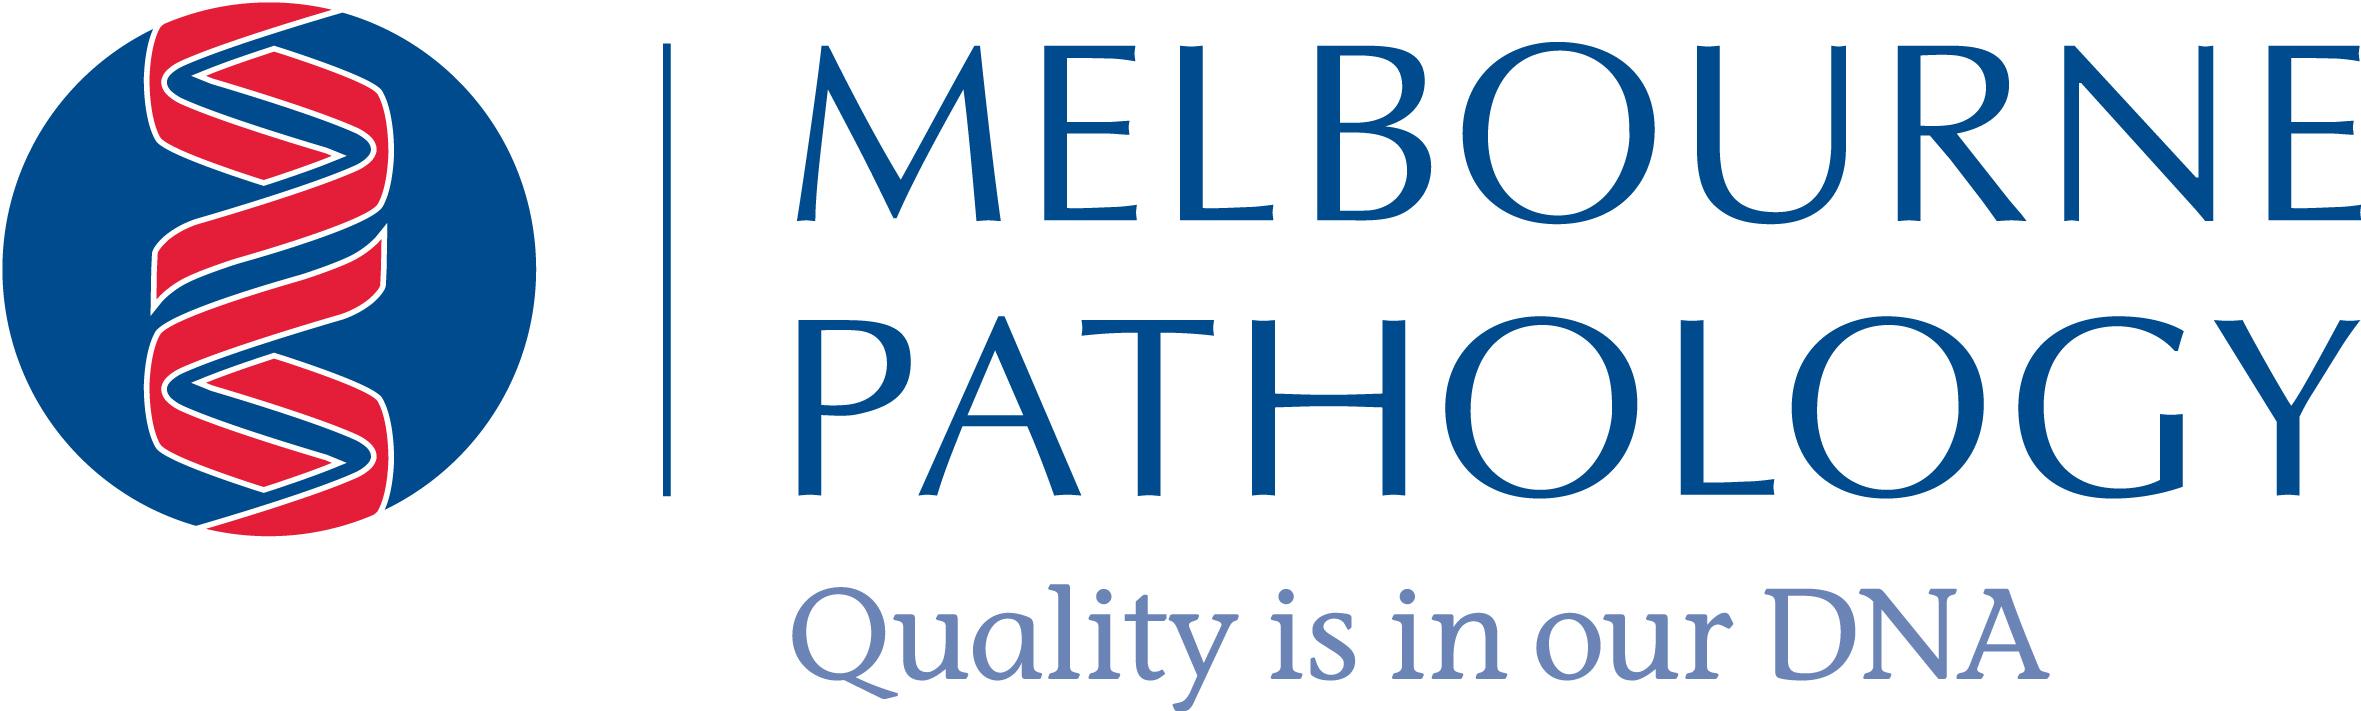 8677 Melbourne Pathology Master